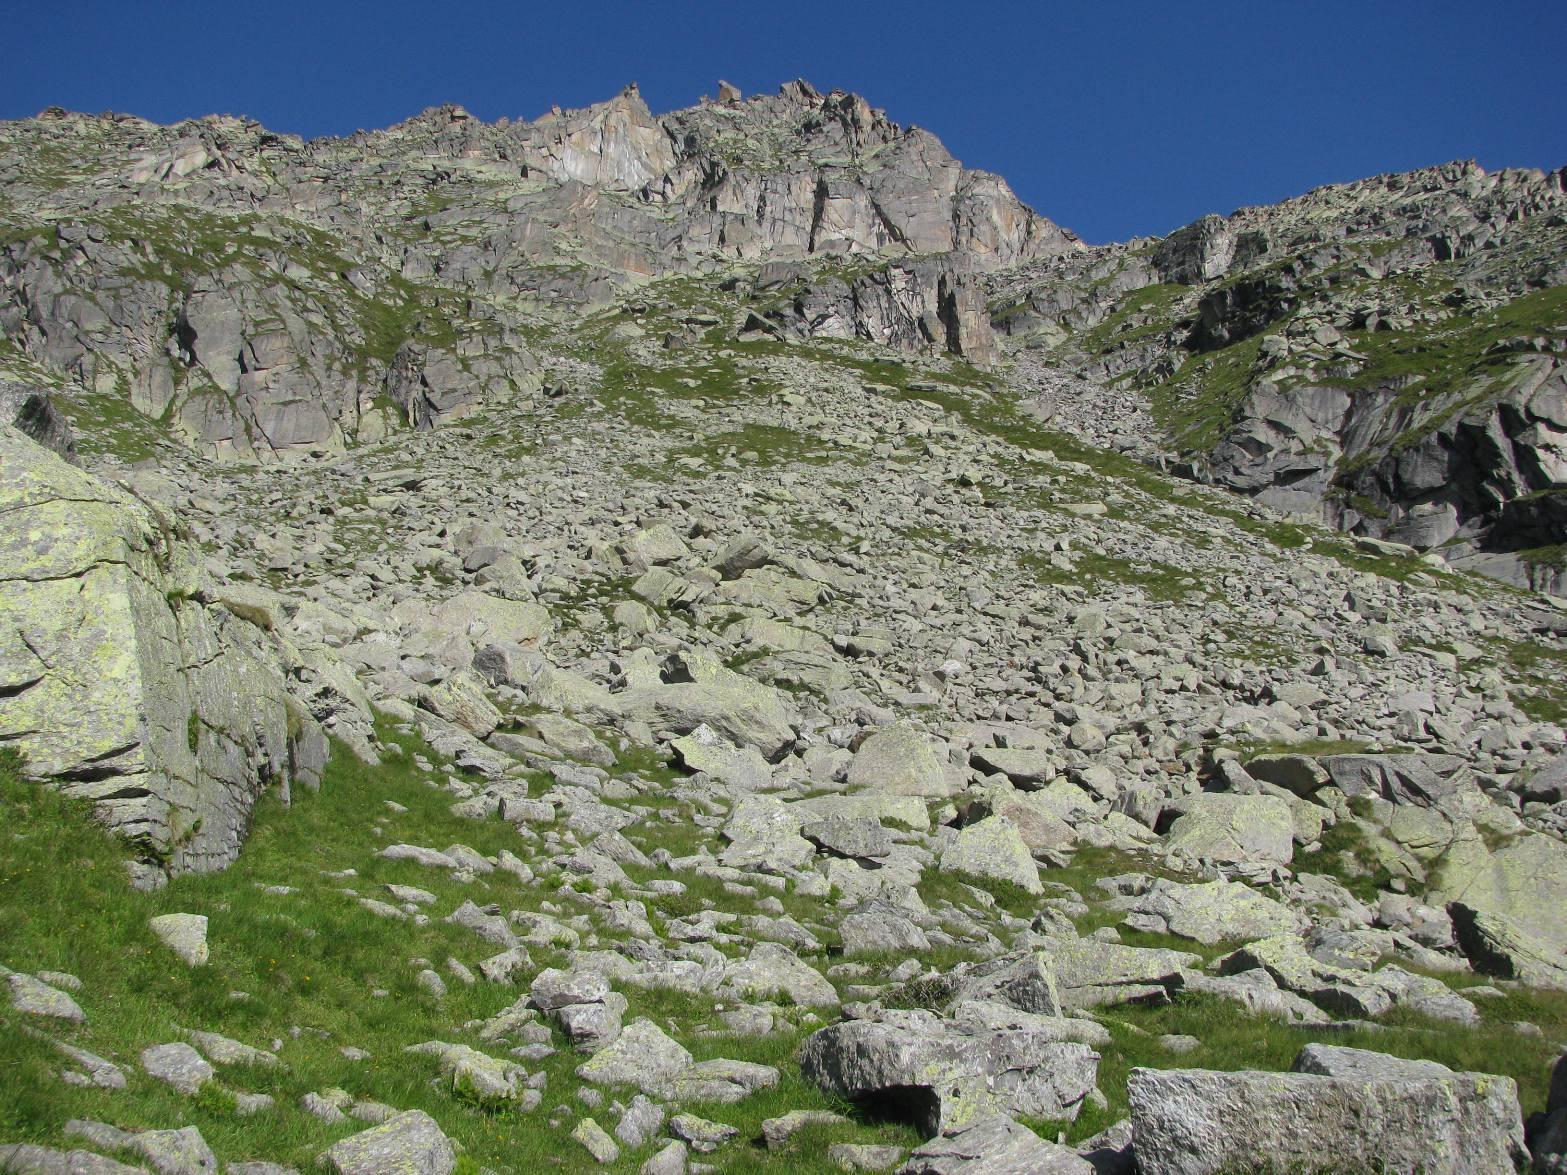 In alto al centro la parete di riferimento con roccia rossastra